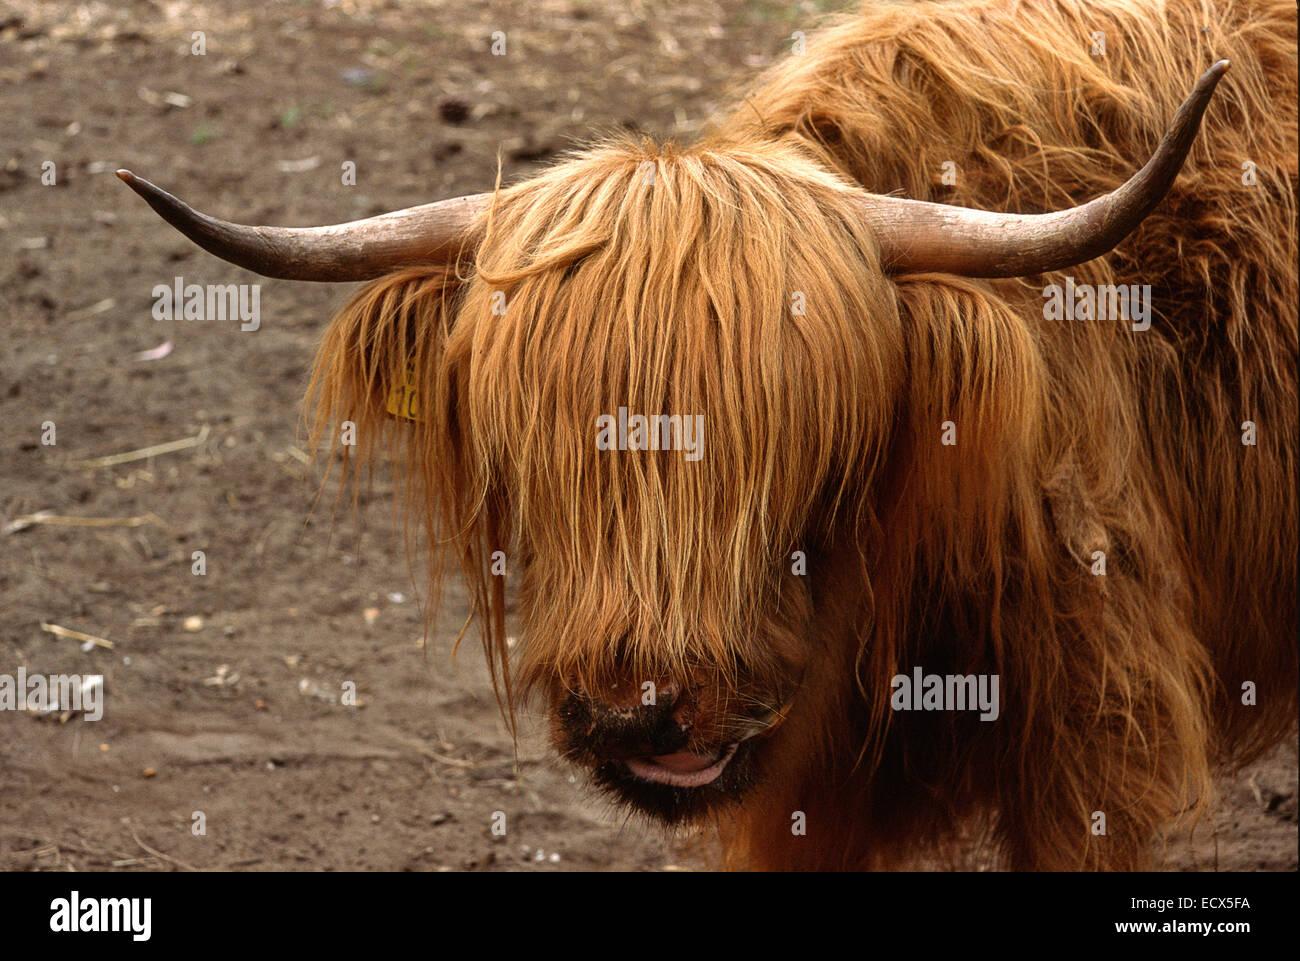 Highland Cattle (Bos taurus), Bovidae, Scotland, Europe - Stock Image